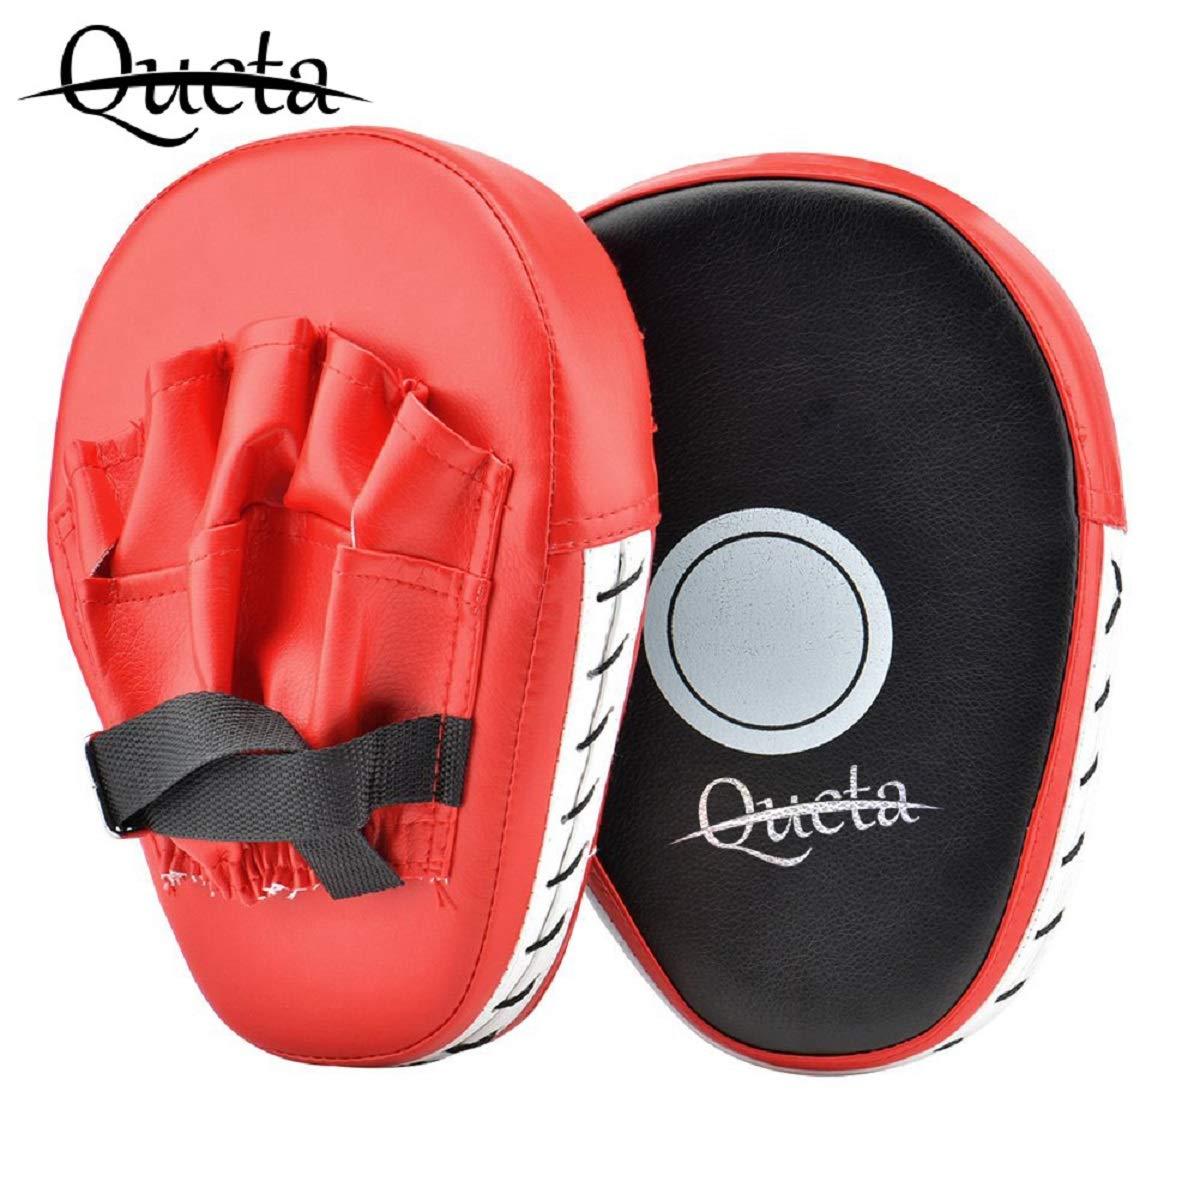 Hook /& jabs pad Coaching Focus pad Punching Target mitts kids Junior Children